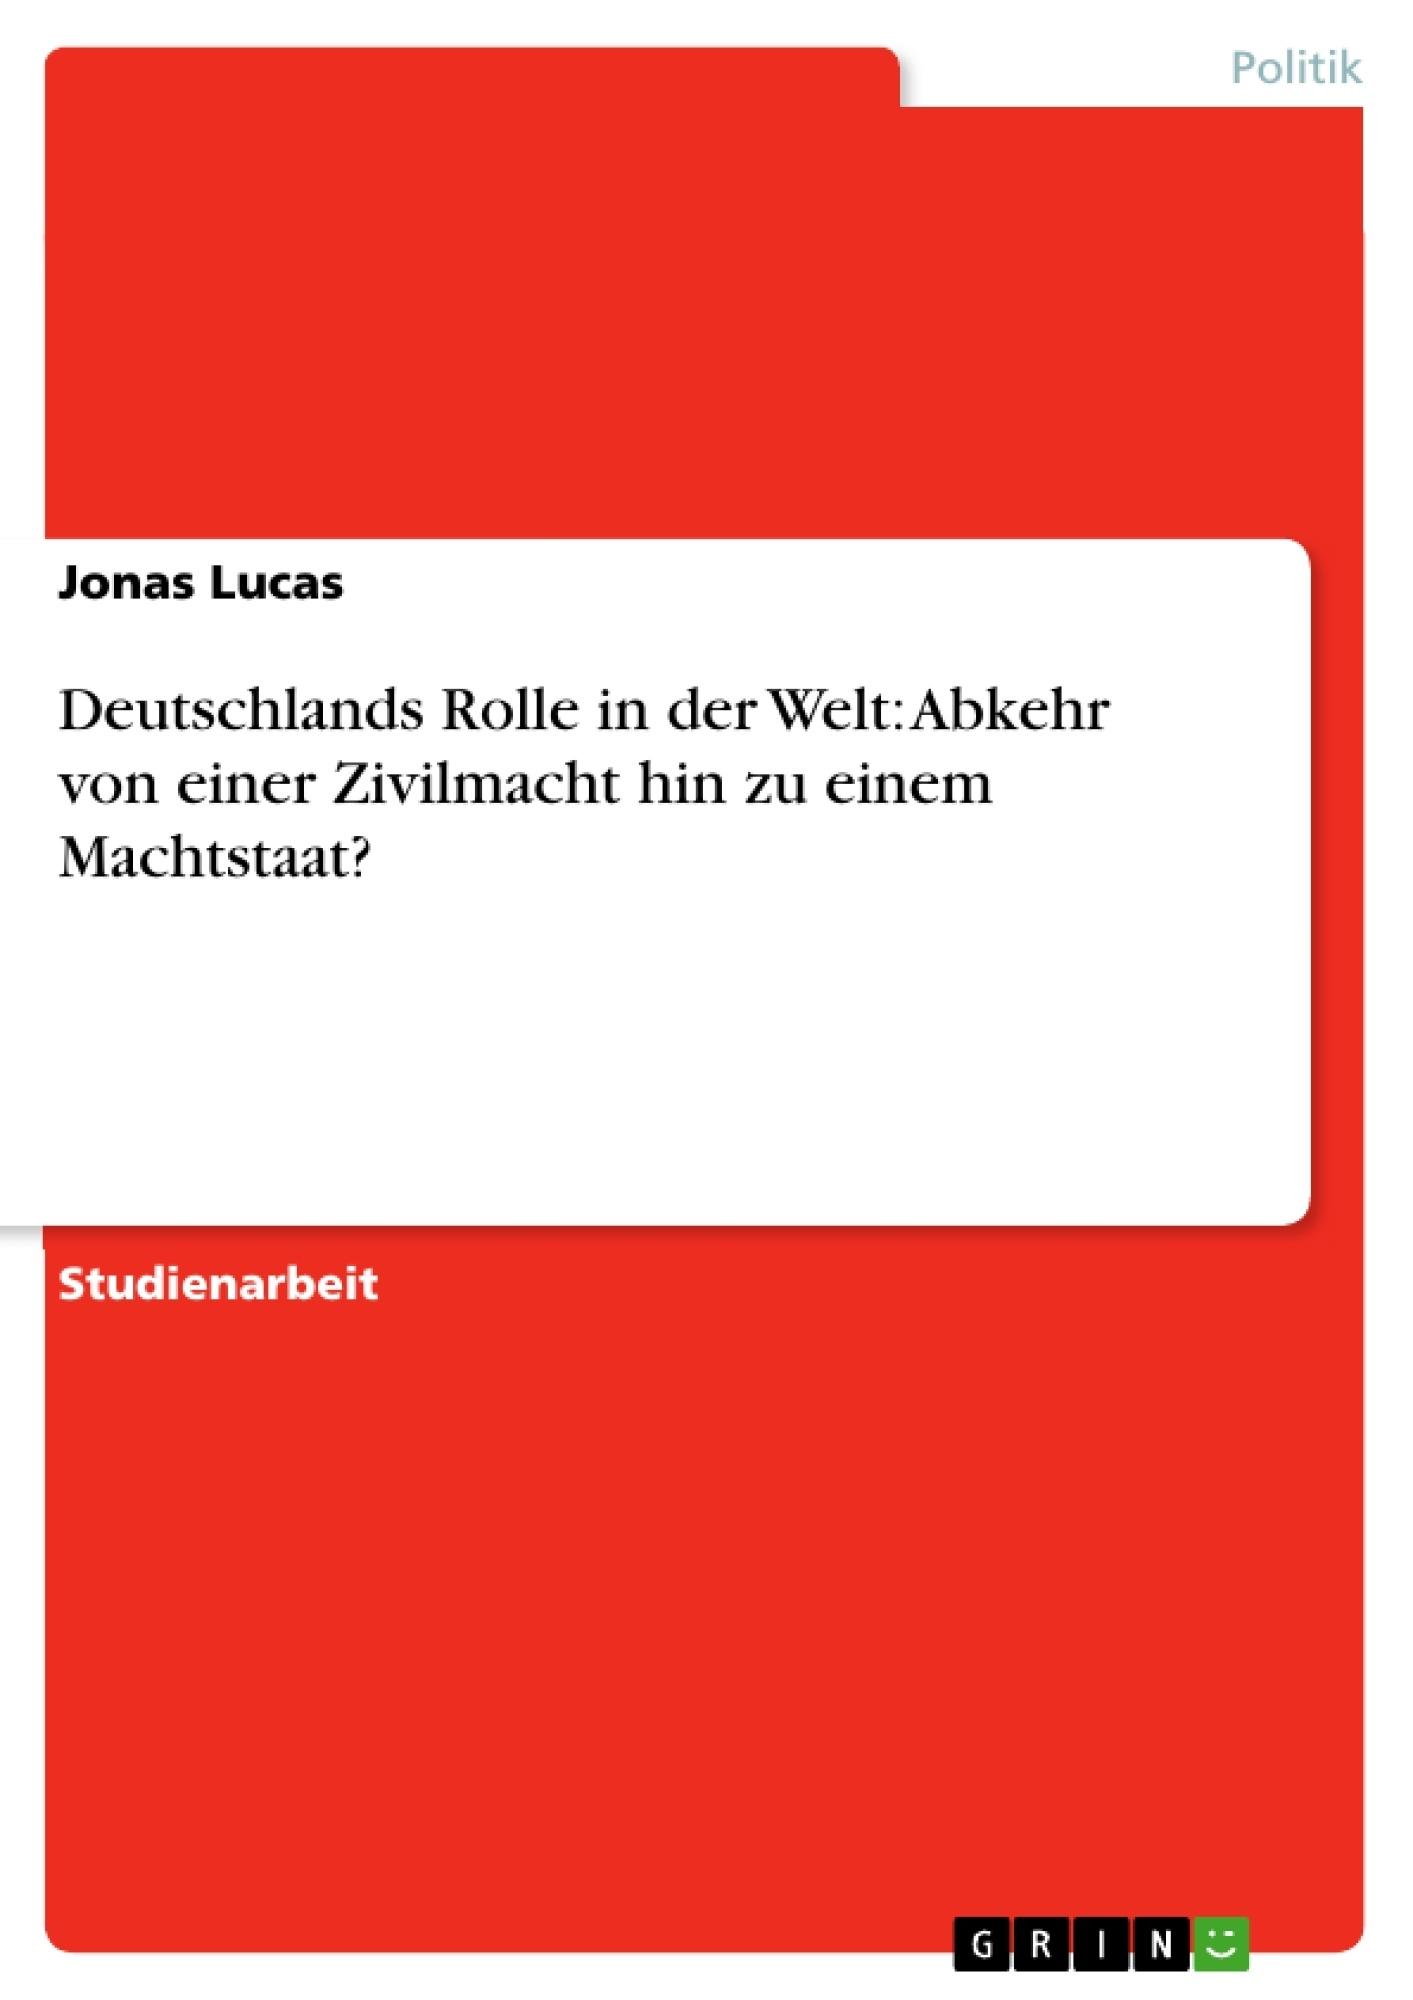 Titel: Deutschlands Rolle in der Welt: Abkehr von einer Zivilmacht hin zu einem Machtstaat?